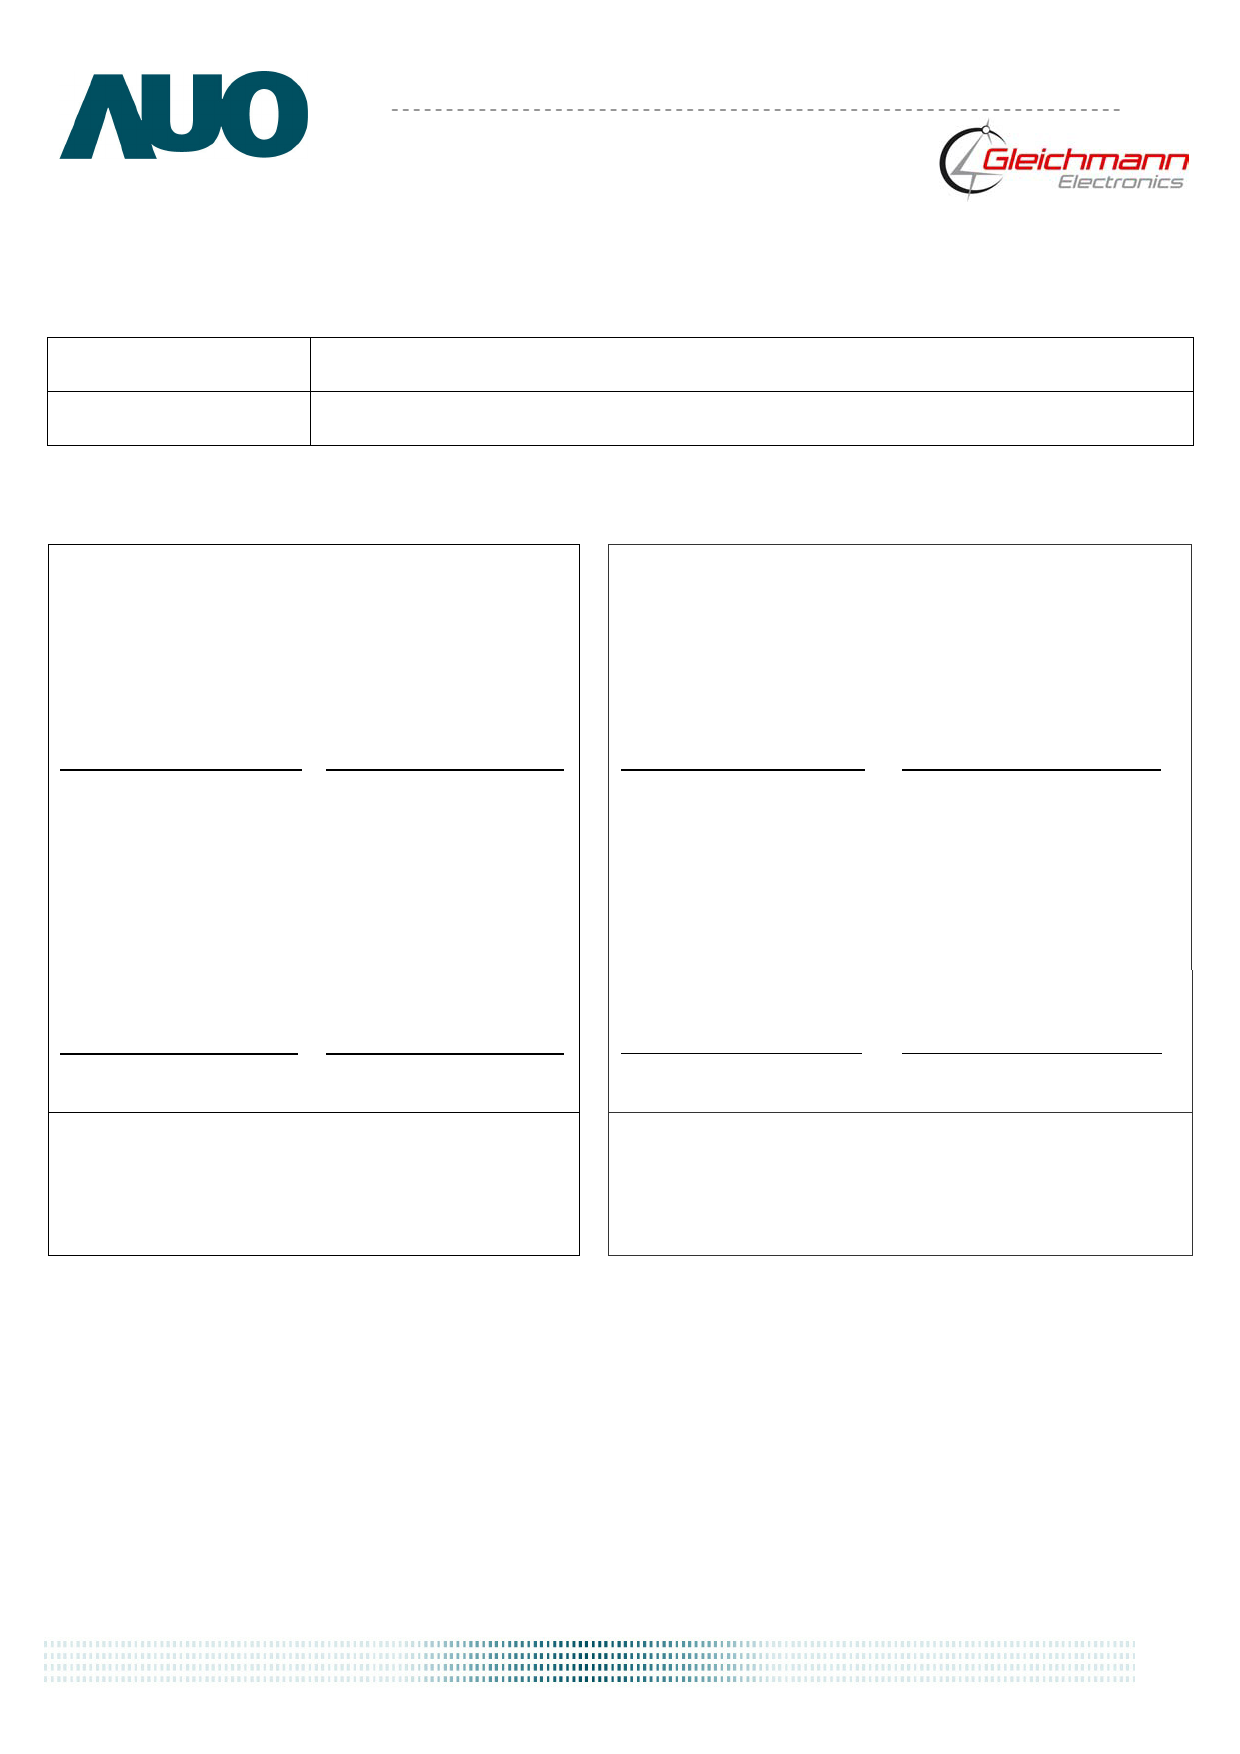 G057VN01-V0 datasheet